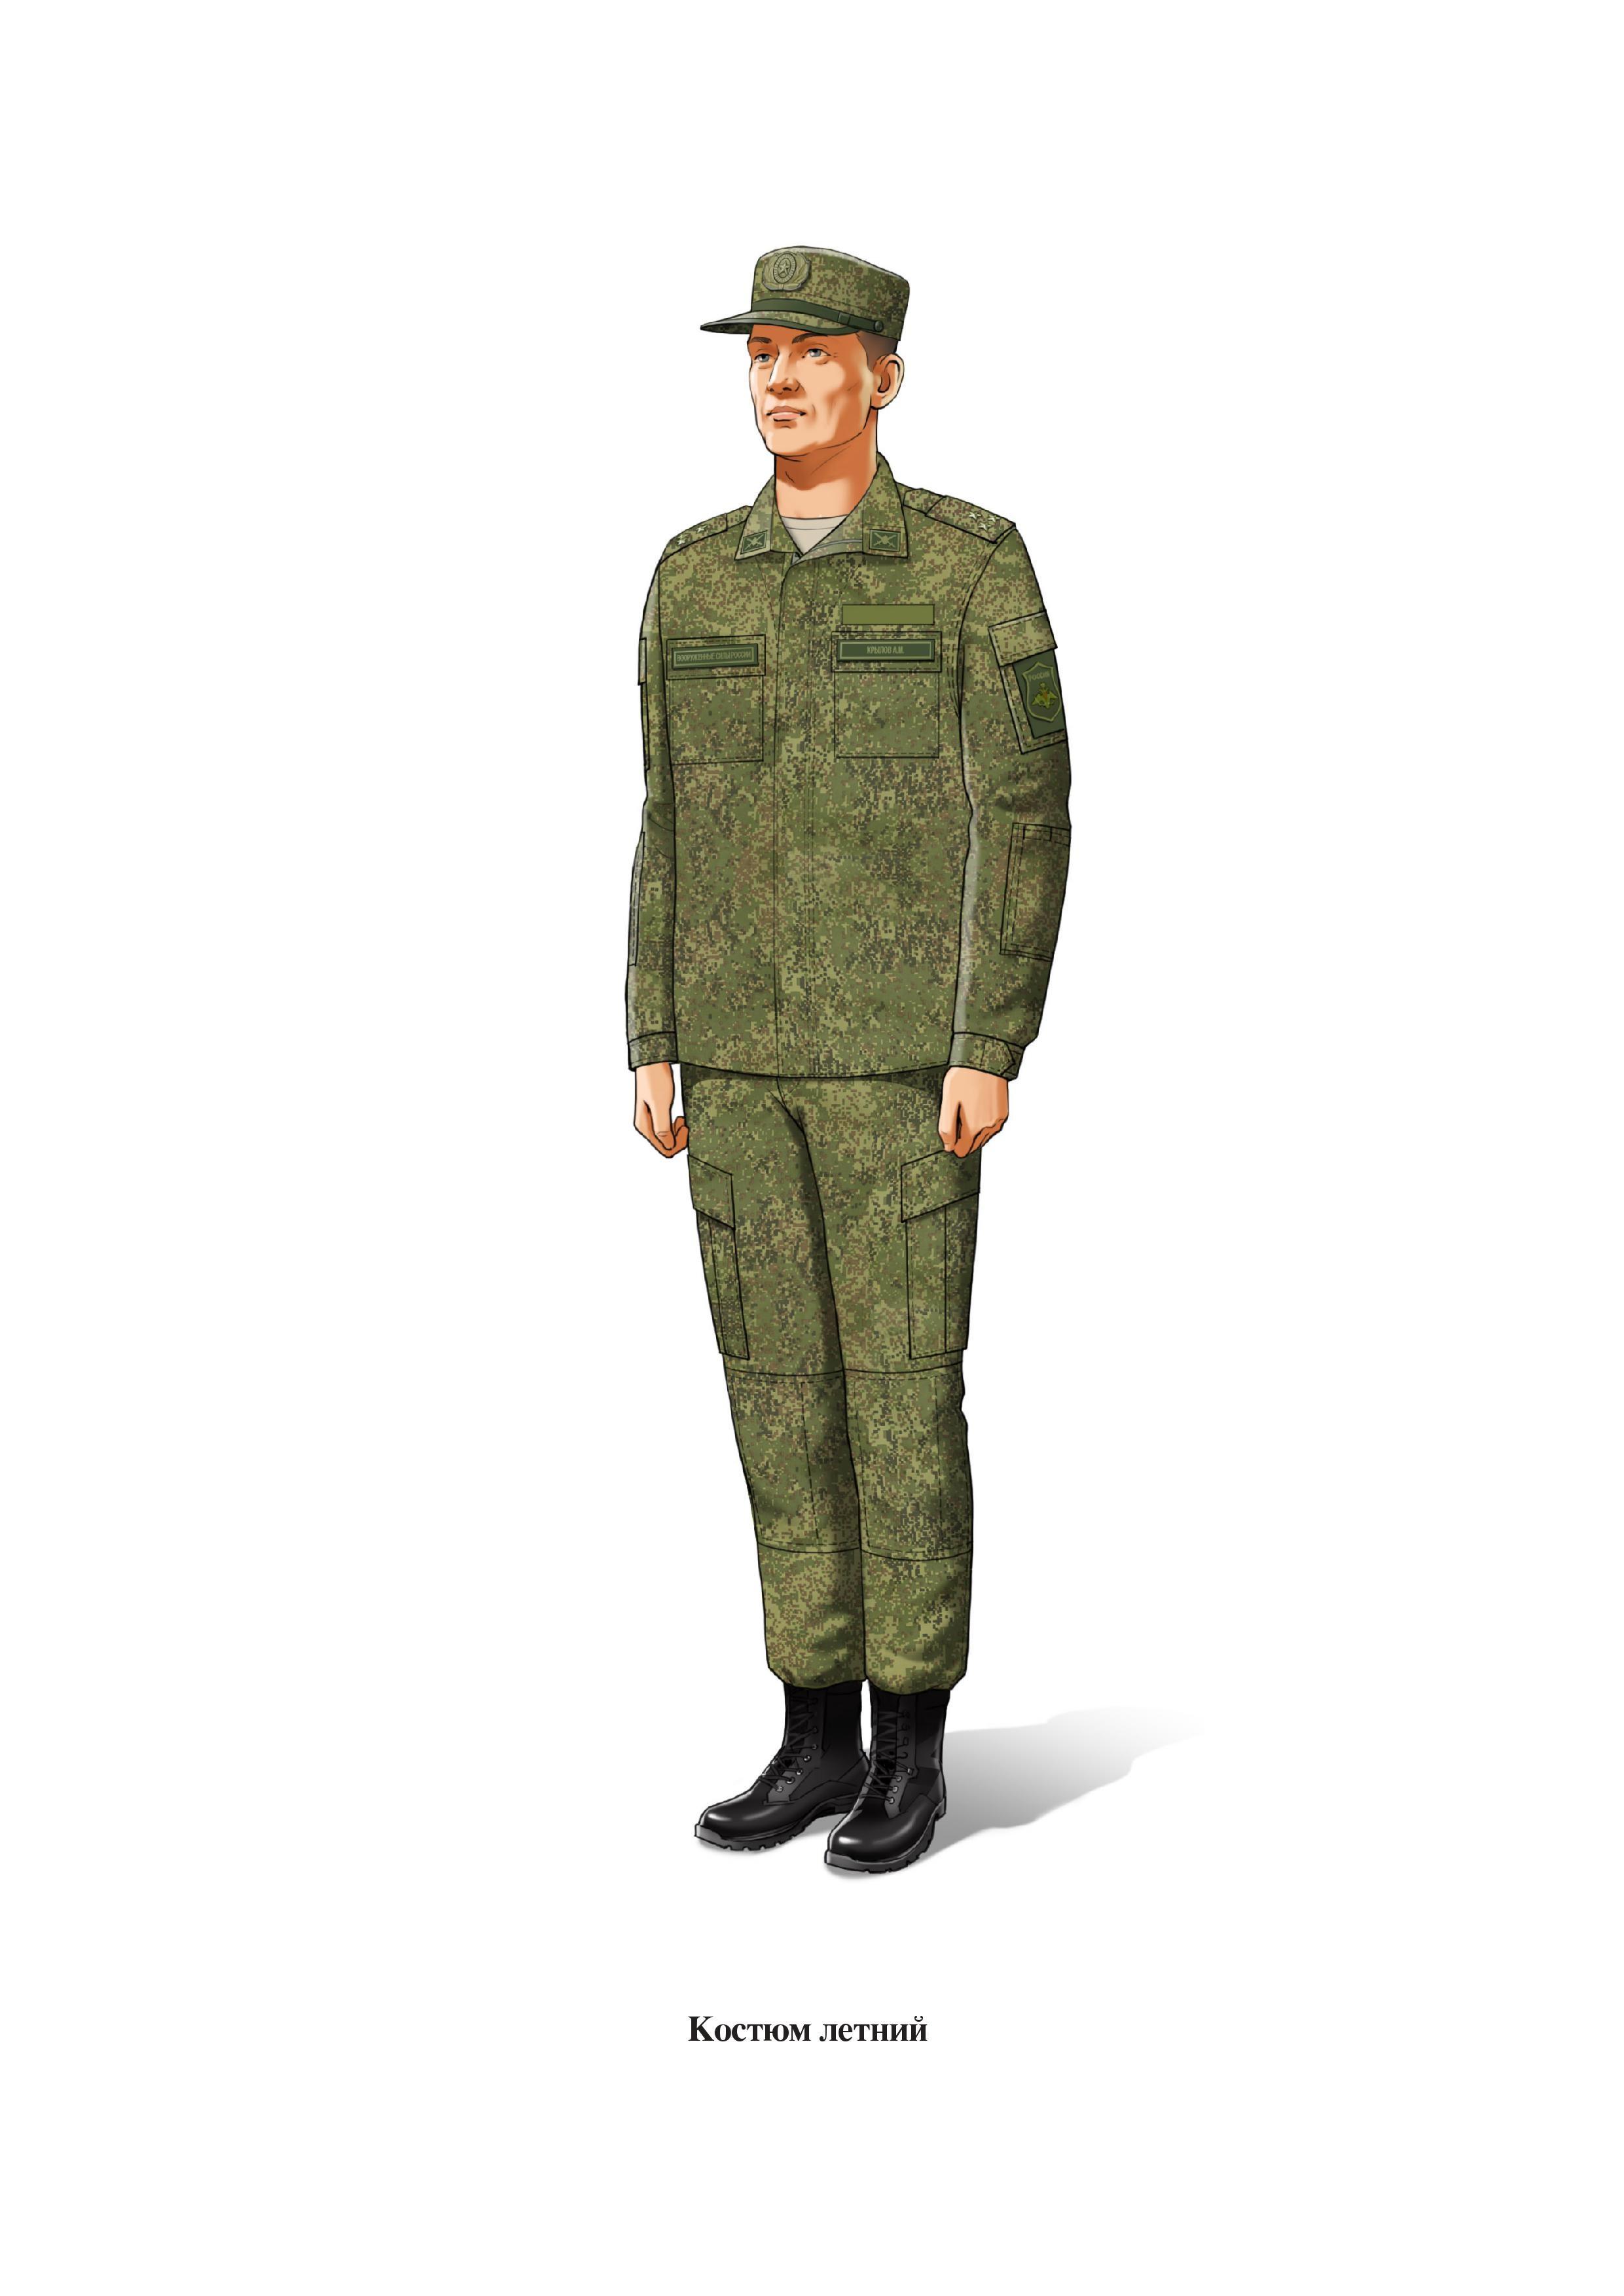 Картинки военная форма российской армии, для